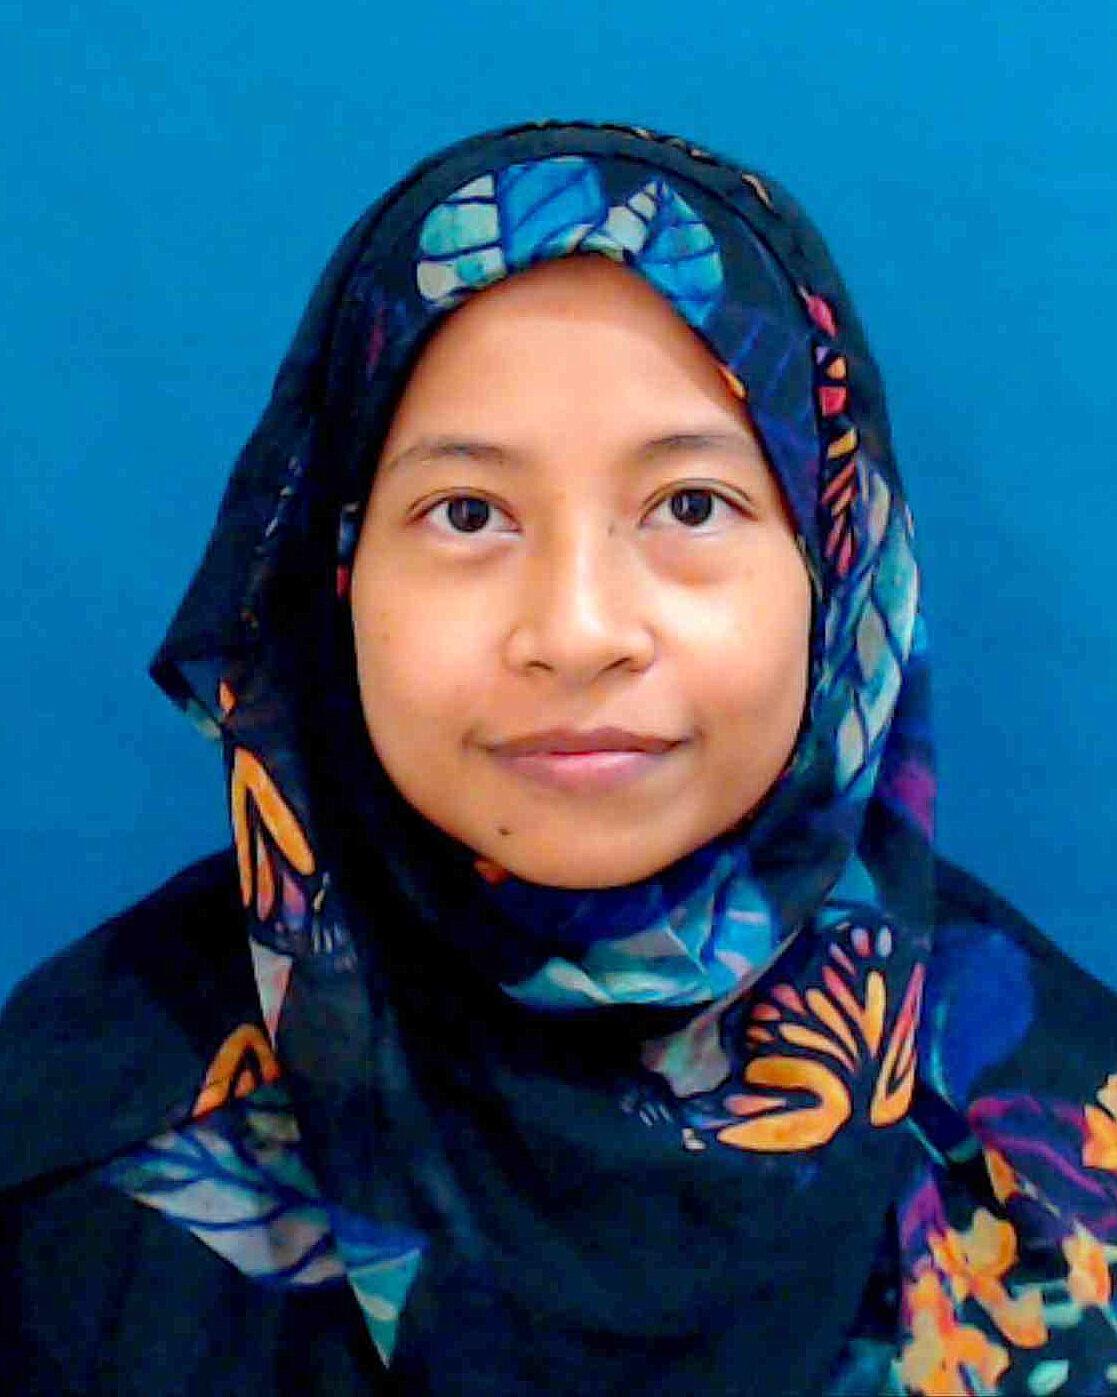 Wan Fatein Nabeila Bt. Wan Omar